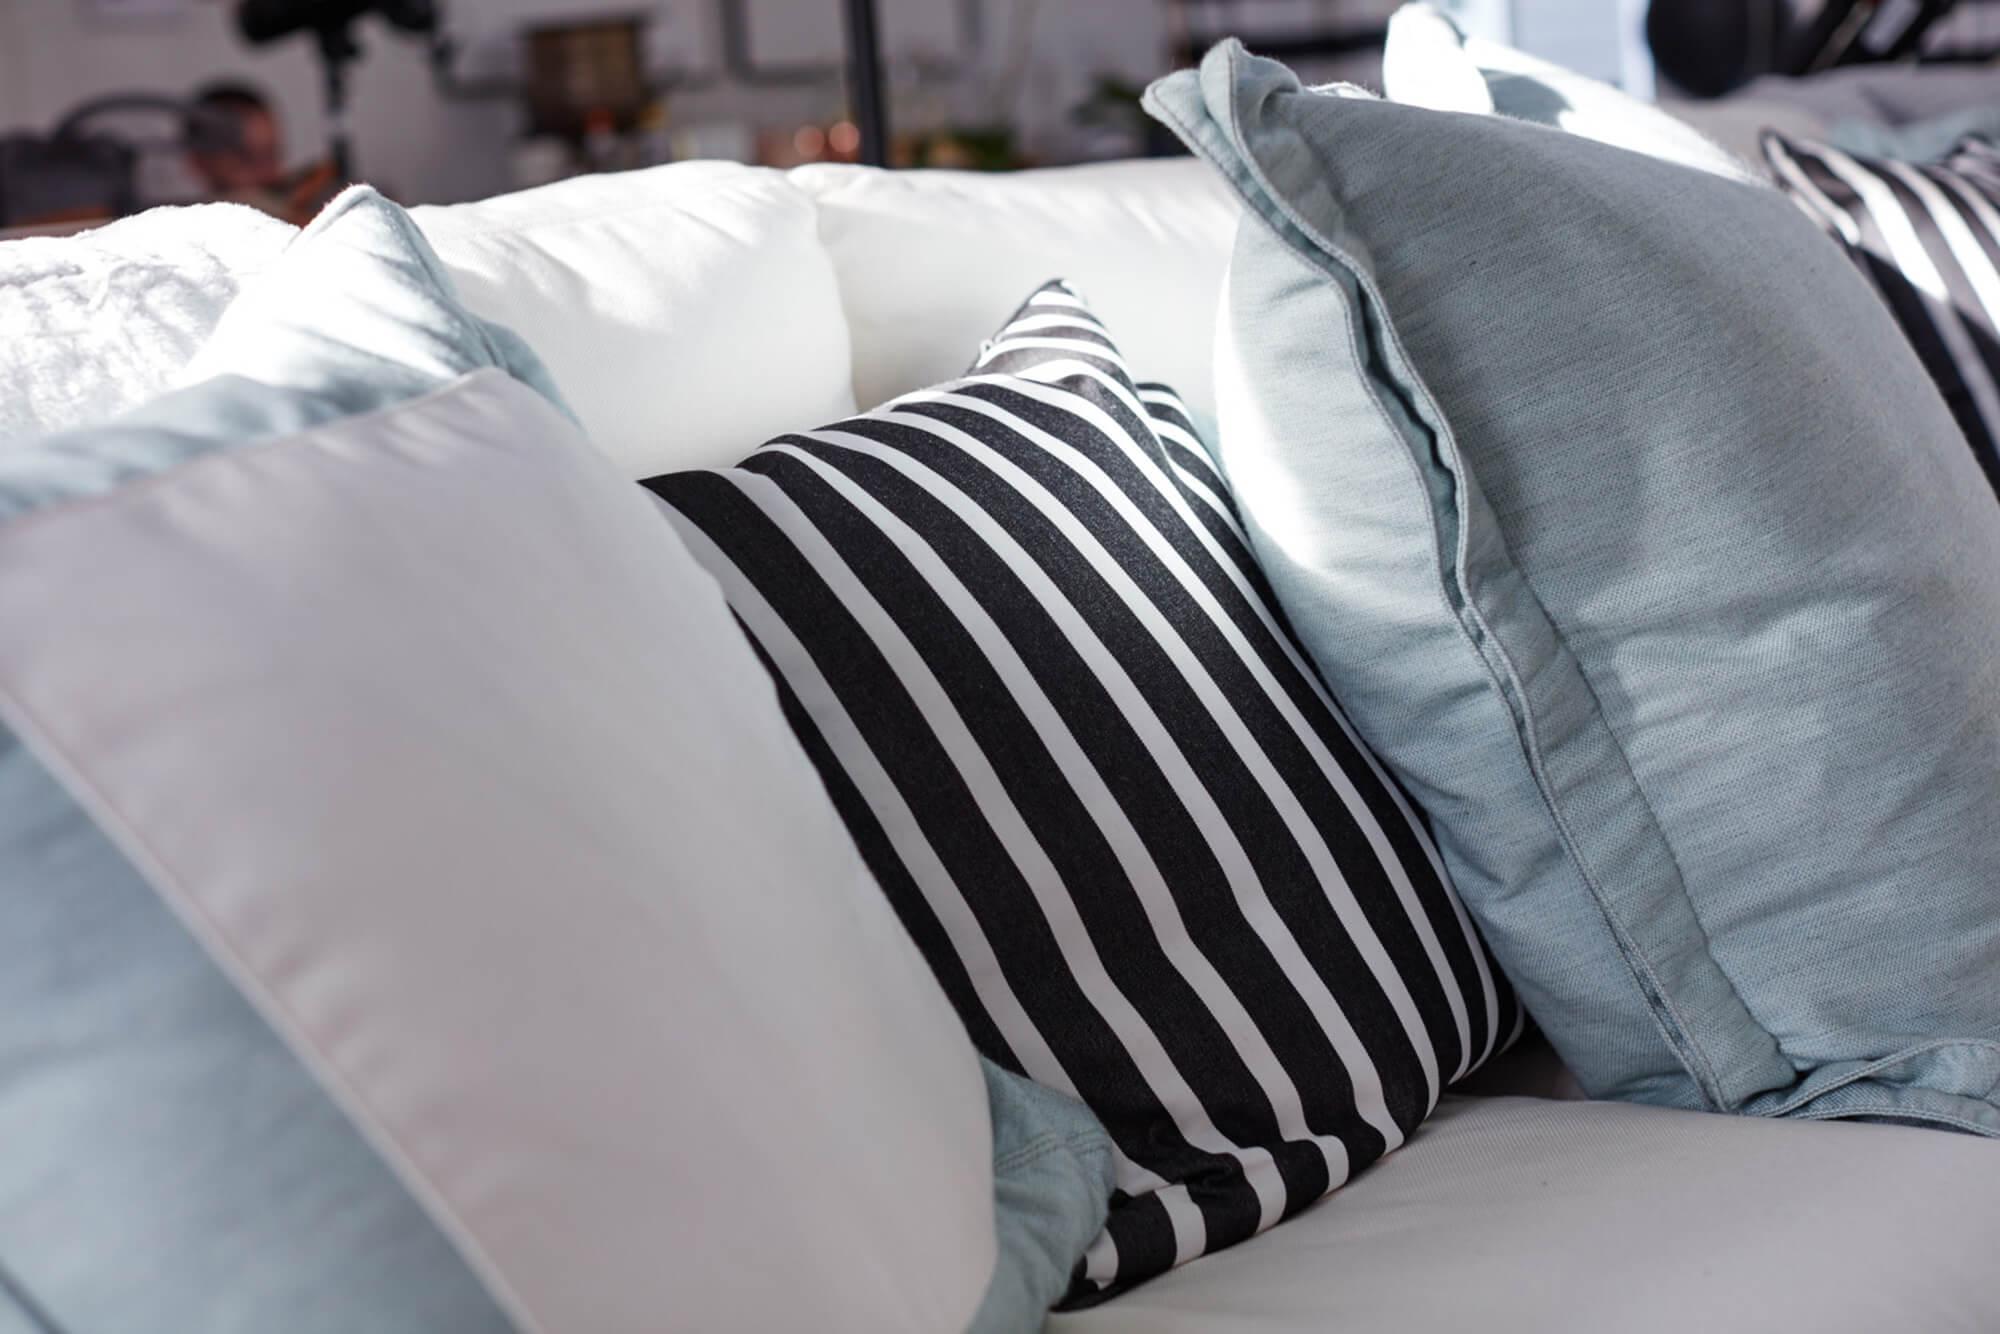 โซฟาสีขาวทำให้สีสดใสด้วยหมอนสีน้ำเงินเขียวและหมอนอิงสีขาวและดำลายทาง